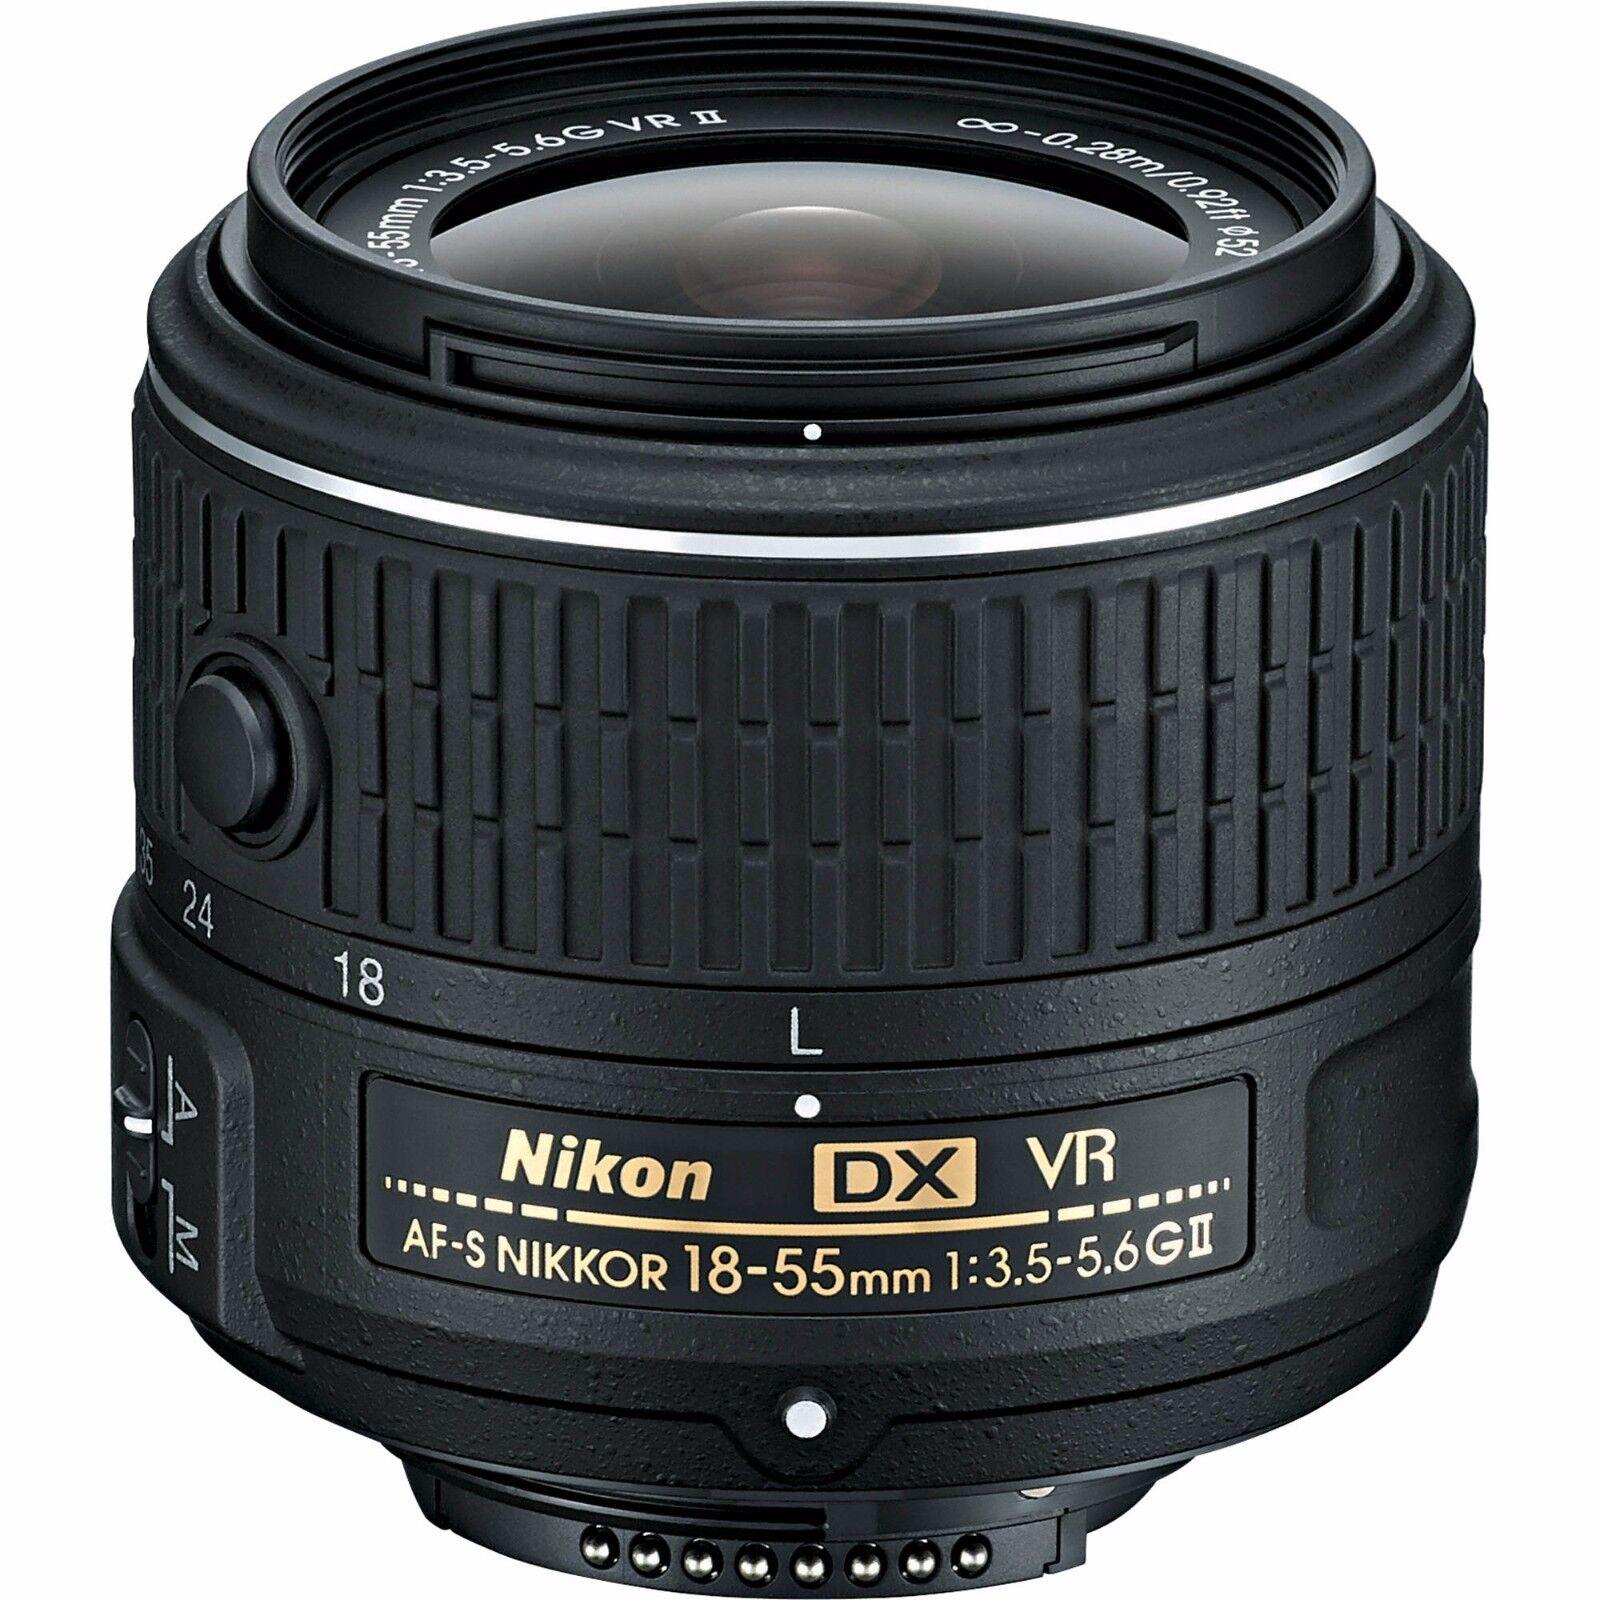 Nikon 18-55mm F3.5-5.6g Af-s Dx Vr Nikkor Zoom Lens - White Box (New) (Bulk Packaging)